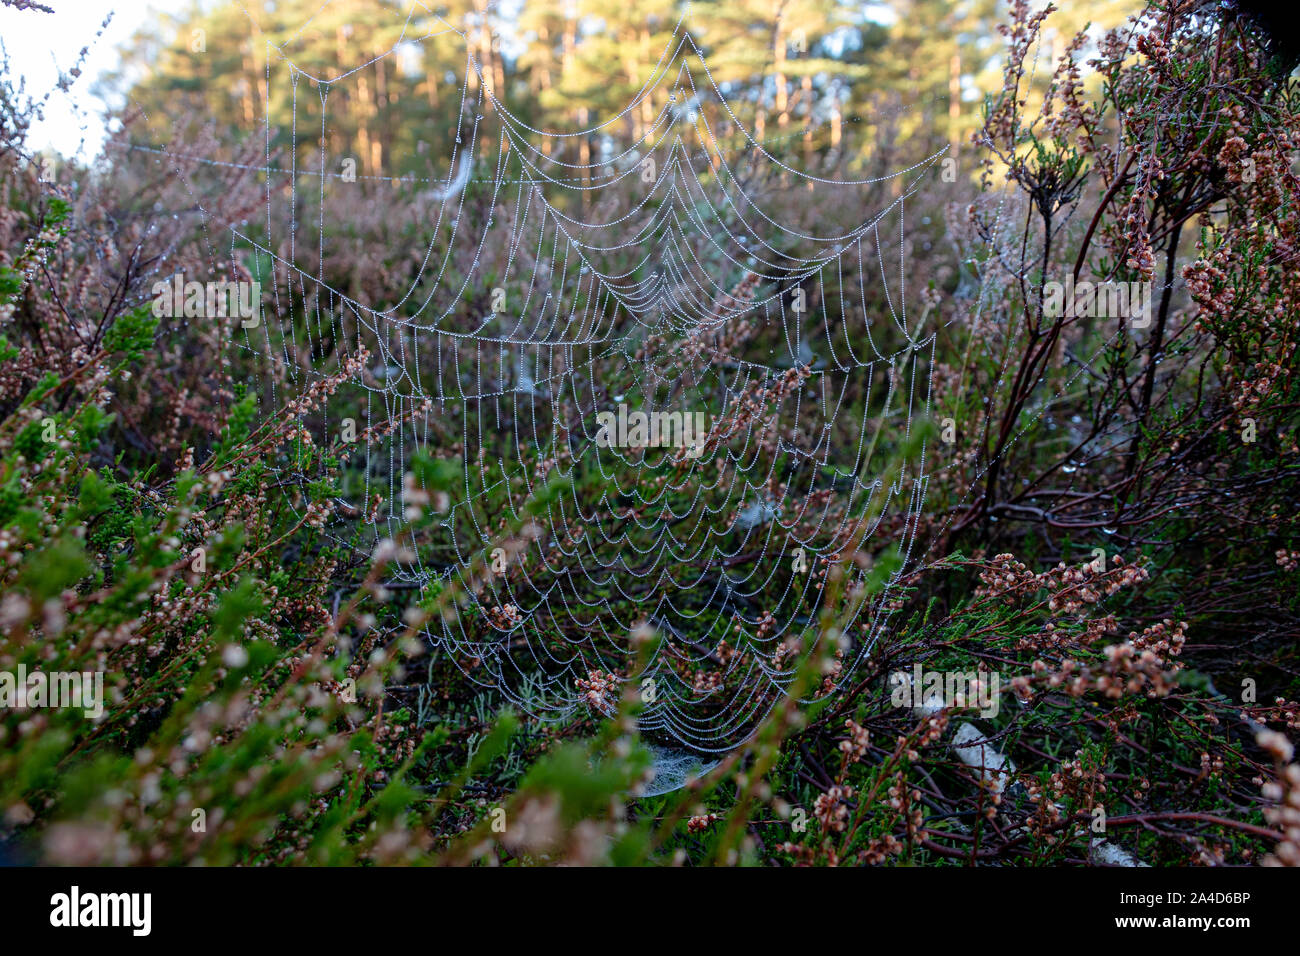 Spinnennetz zwischen Besenheide mit Tautropfen Stock Photo